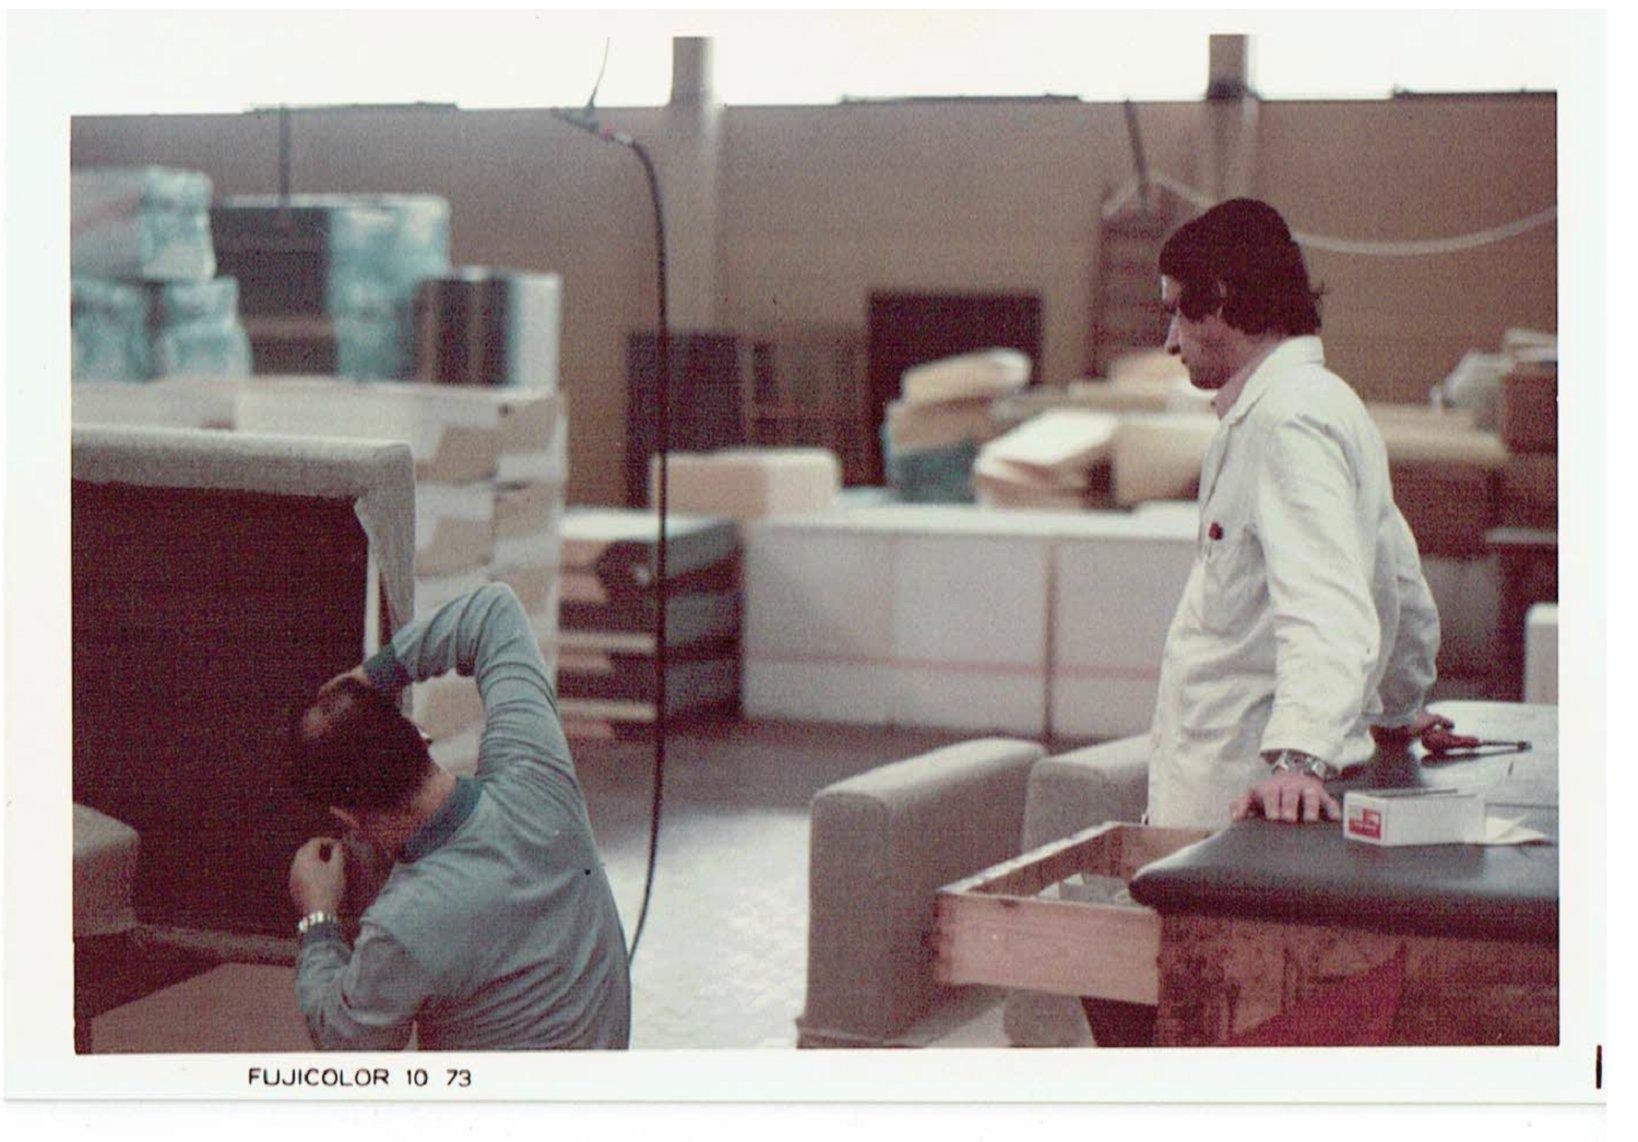 アルフレックスでの仕事風景。著名なデザイナーとも現場の職人ともわけへだてなく会話をしながらものづくりを進めていくアルフレックスのモデラーの姿に感銘を受けた宮本さん。日本に帰国してから「家具モデラー」と名乗り活動をはじめる時、背中を押したのは建築家のル・コルビジェの『都市開発の仕事で、道路工事をしている現場の連中とも意見を交換した』という言葉だった。(画像提供:五反田製作所)